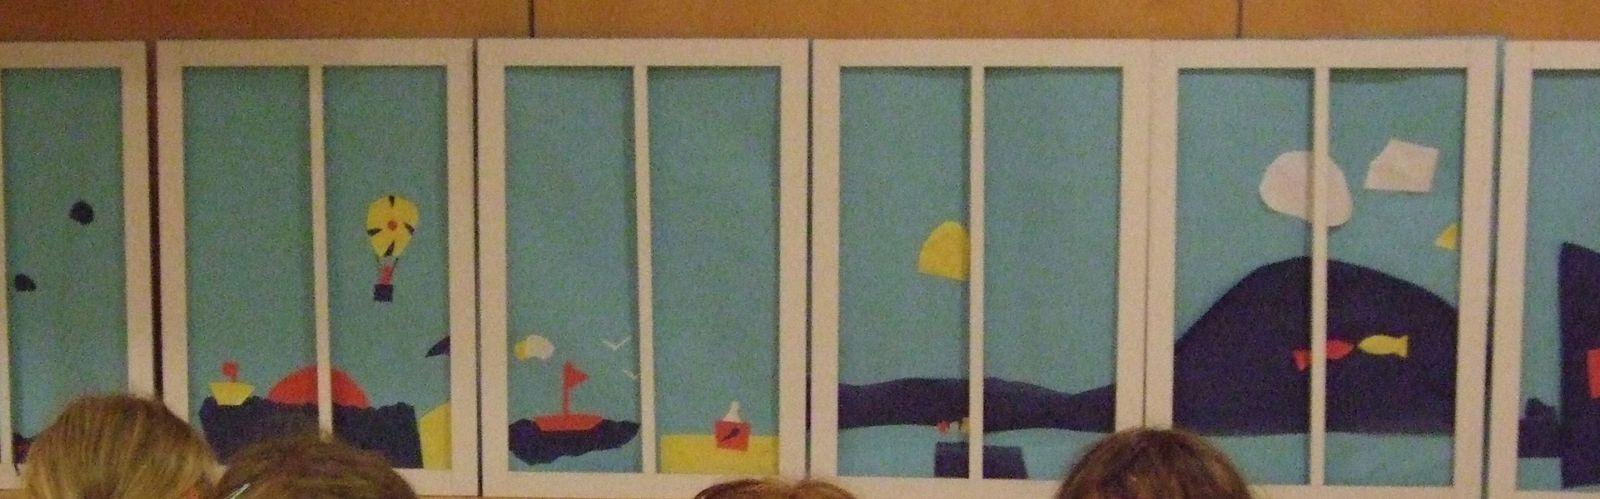 Vues mer à la manière de Matisse